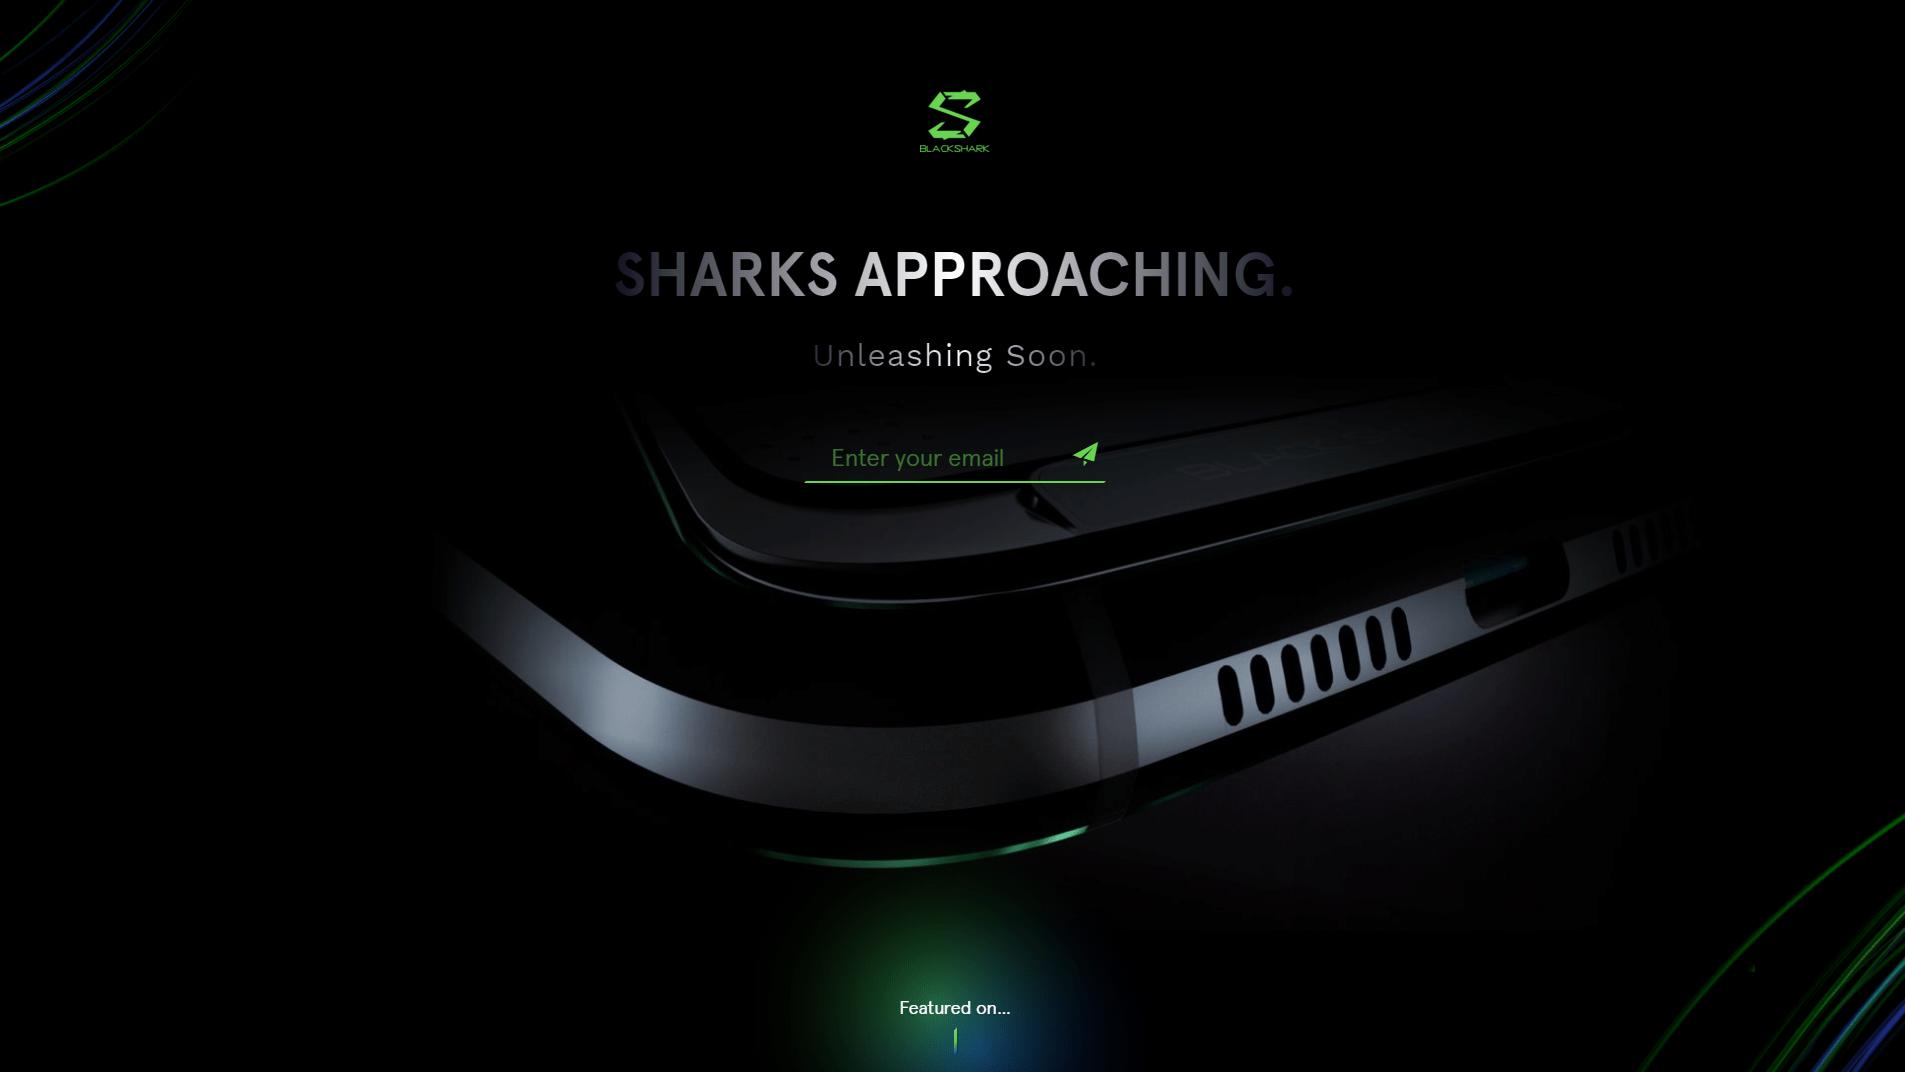 Xiaomi Black Shark 2 bientôt annoncé : la surenchère des smartphones gamers se perpétue